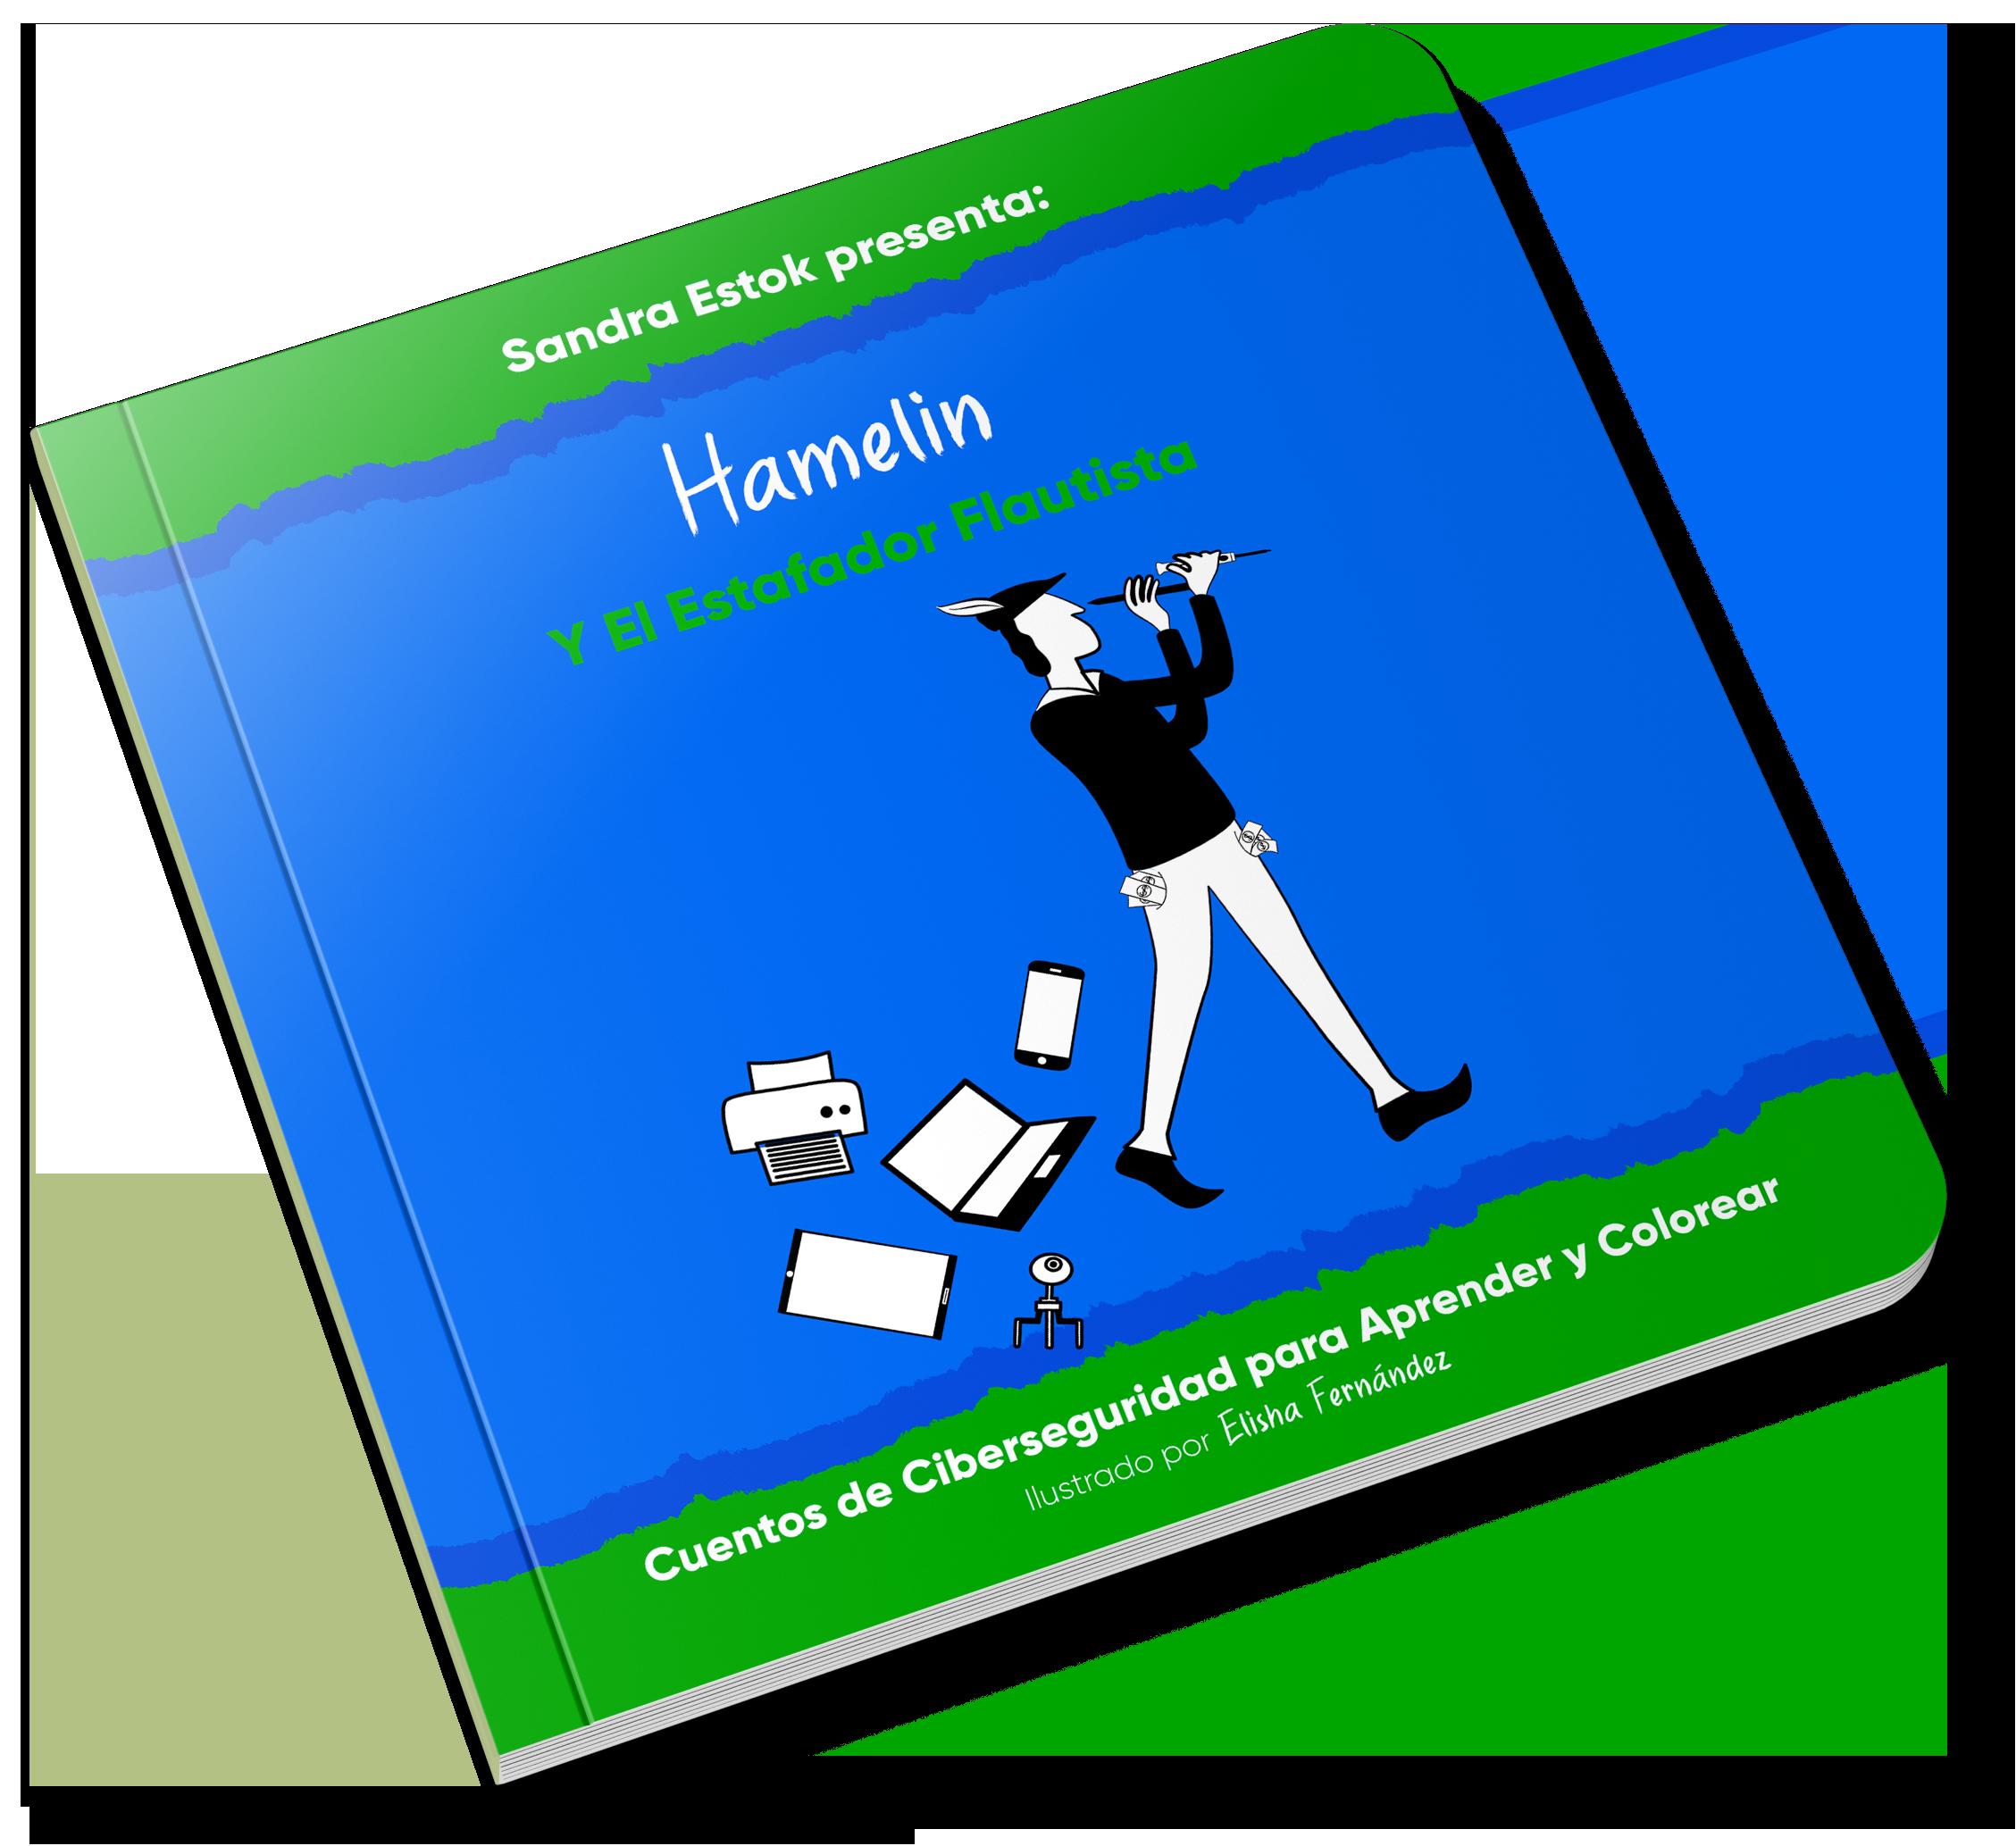 Hamelin_Mockup-spa(1)